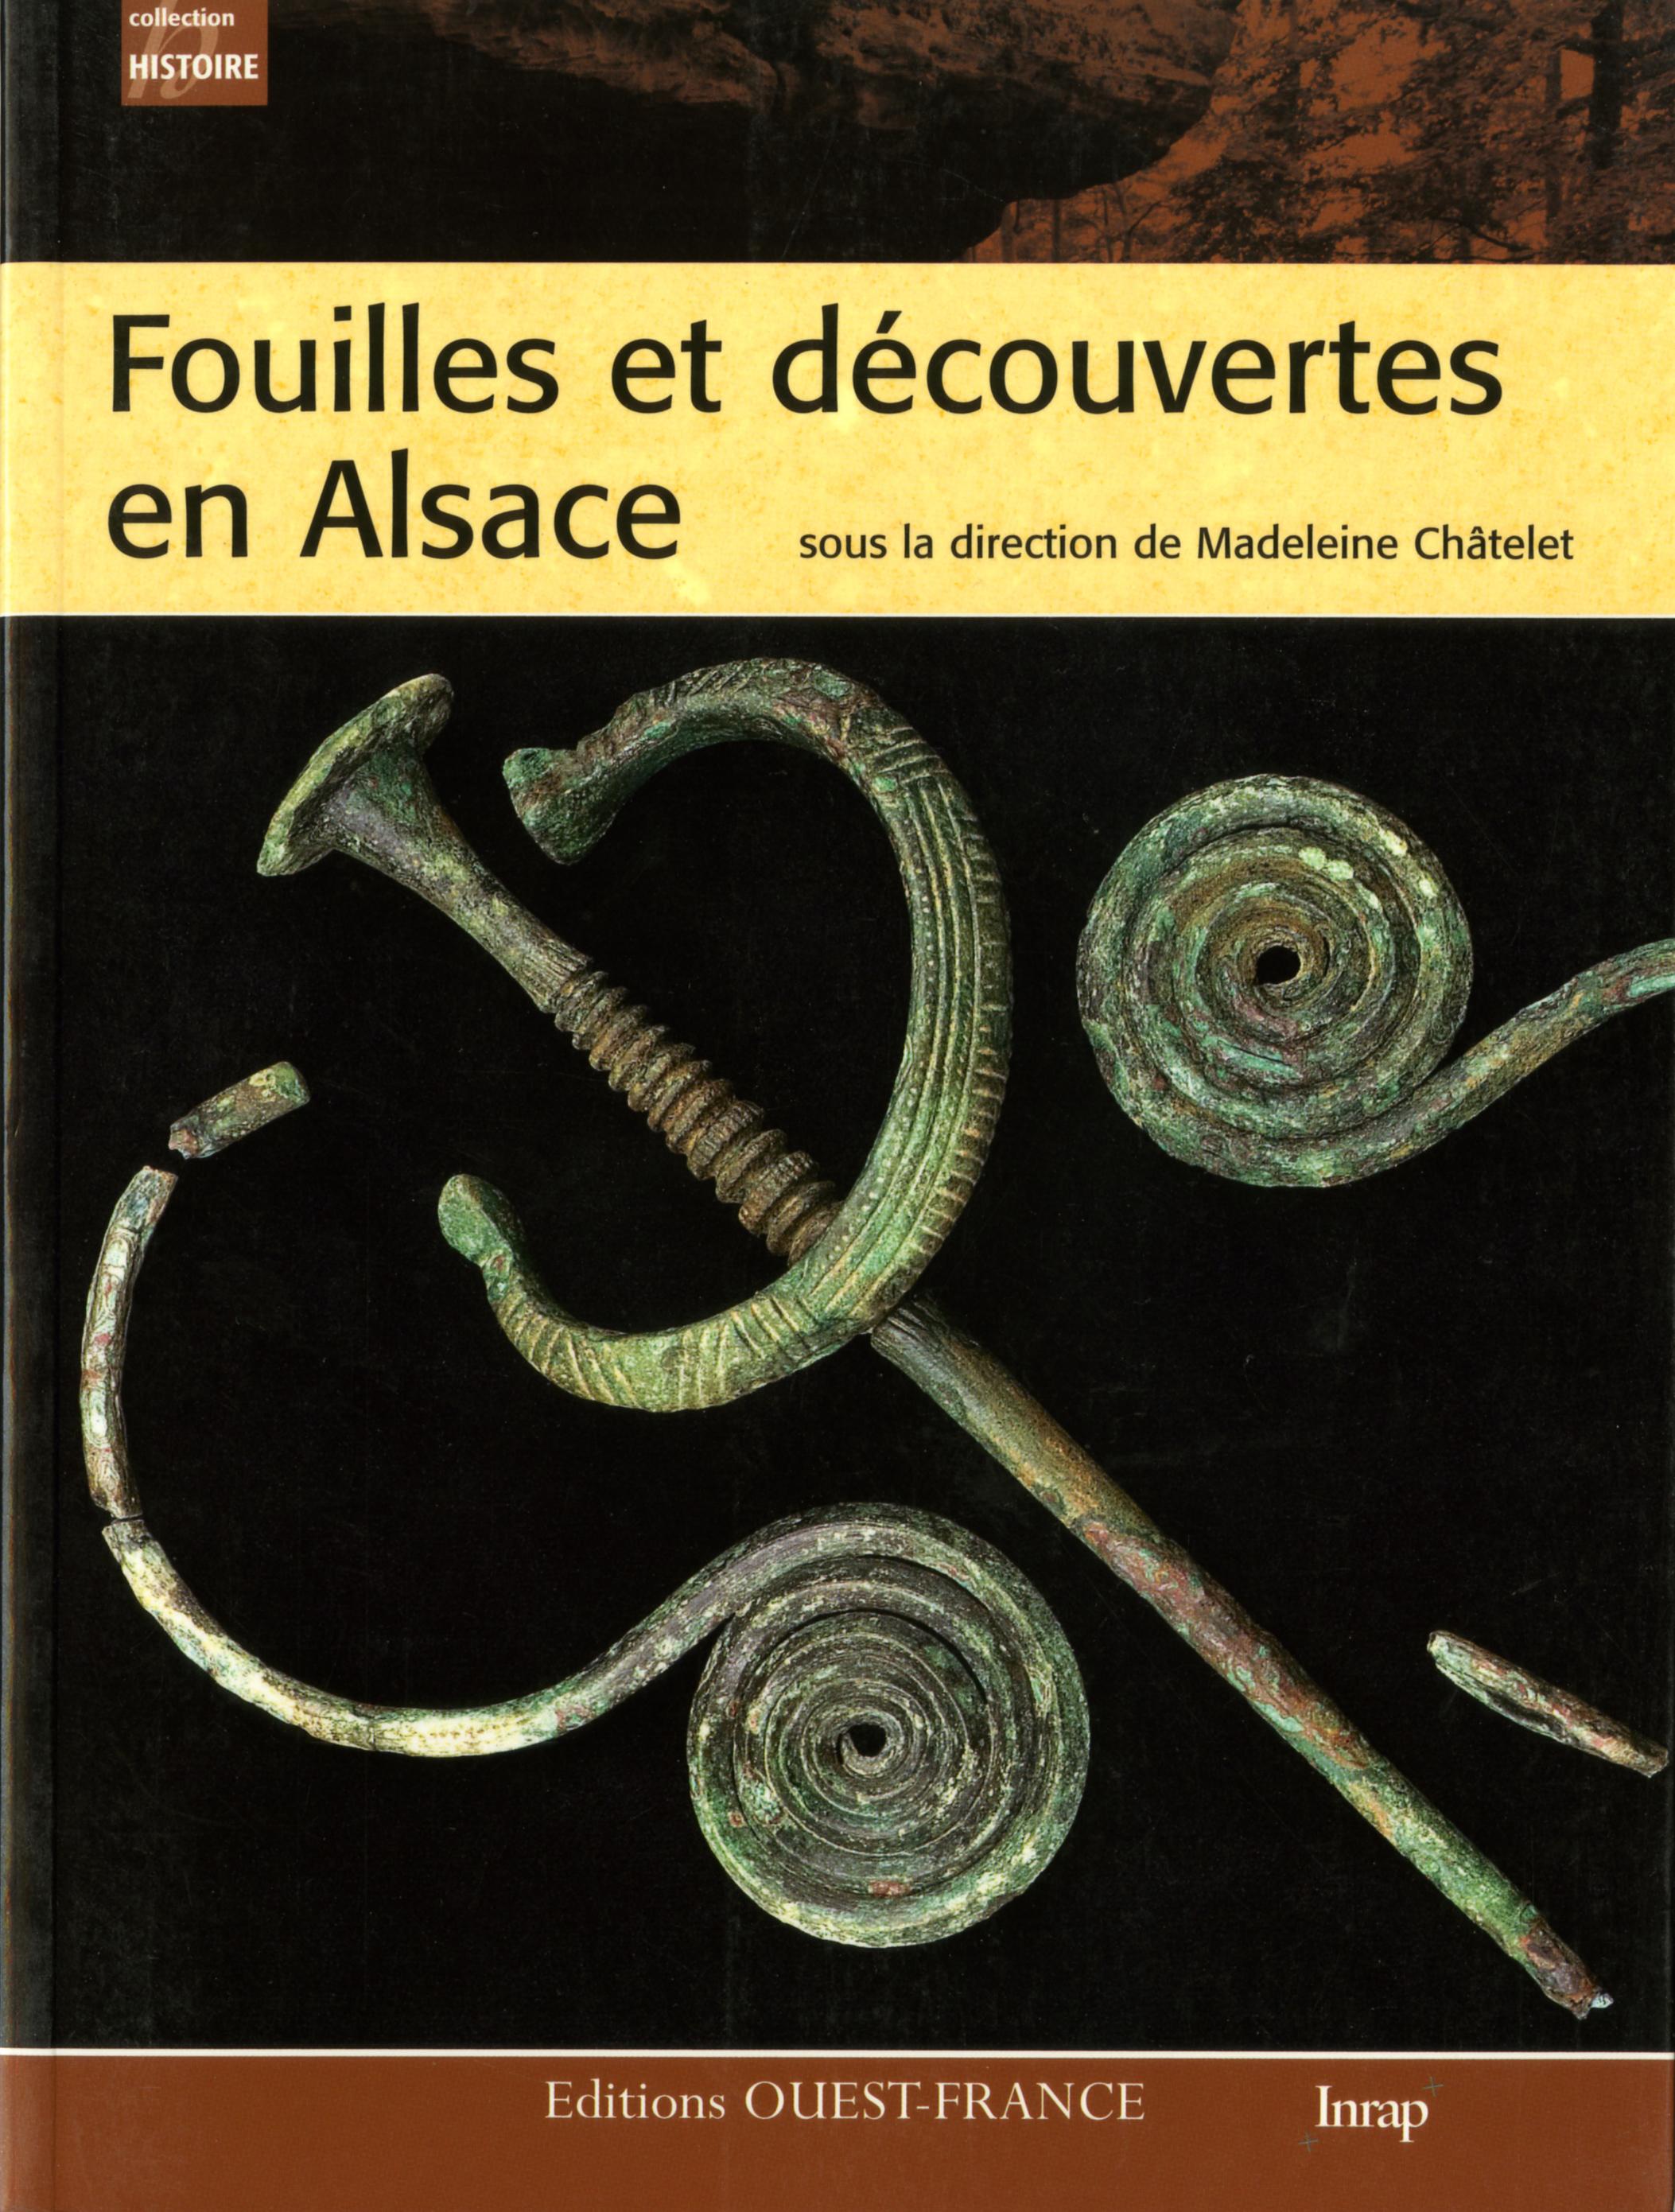 Fouilles et découvertes en Alsace